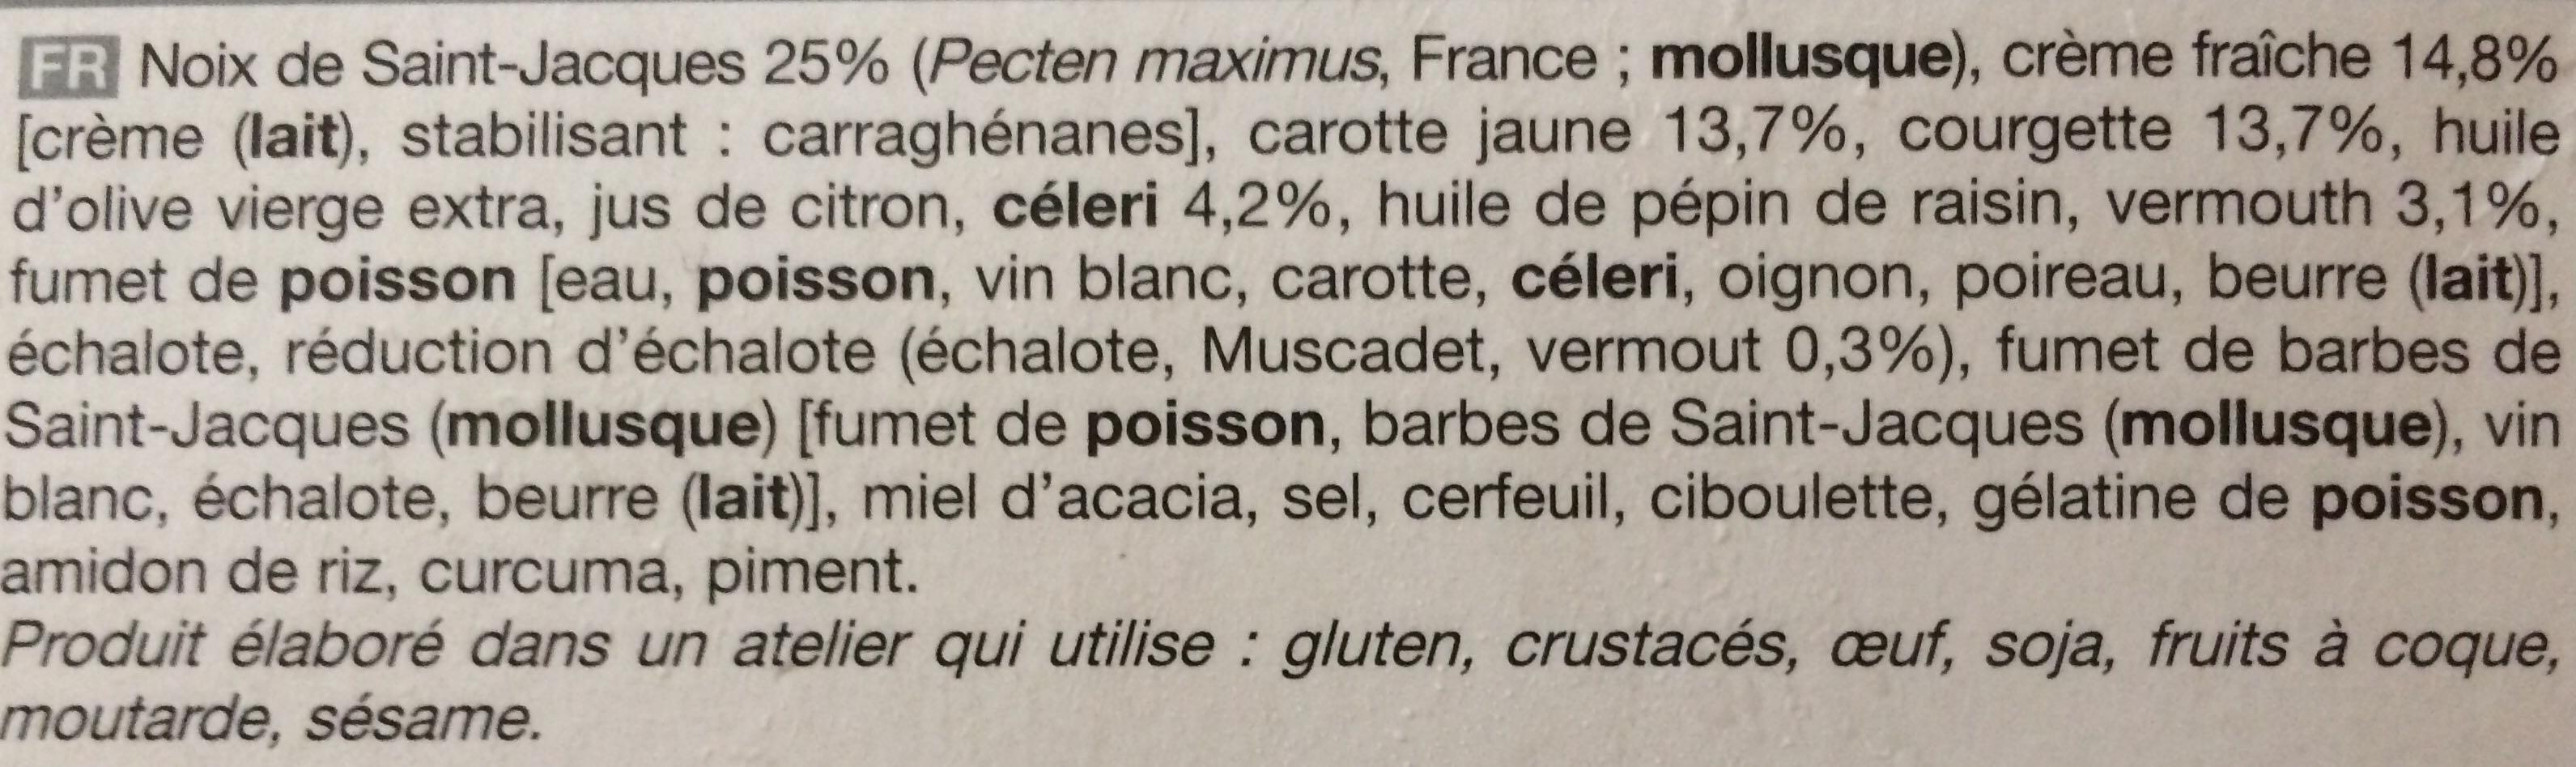 2 Duos de Saint-Jacques et petits légumes - Ingredients - fr